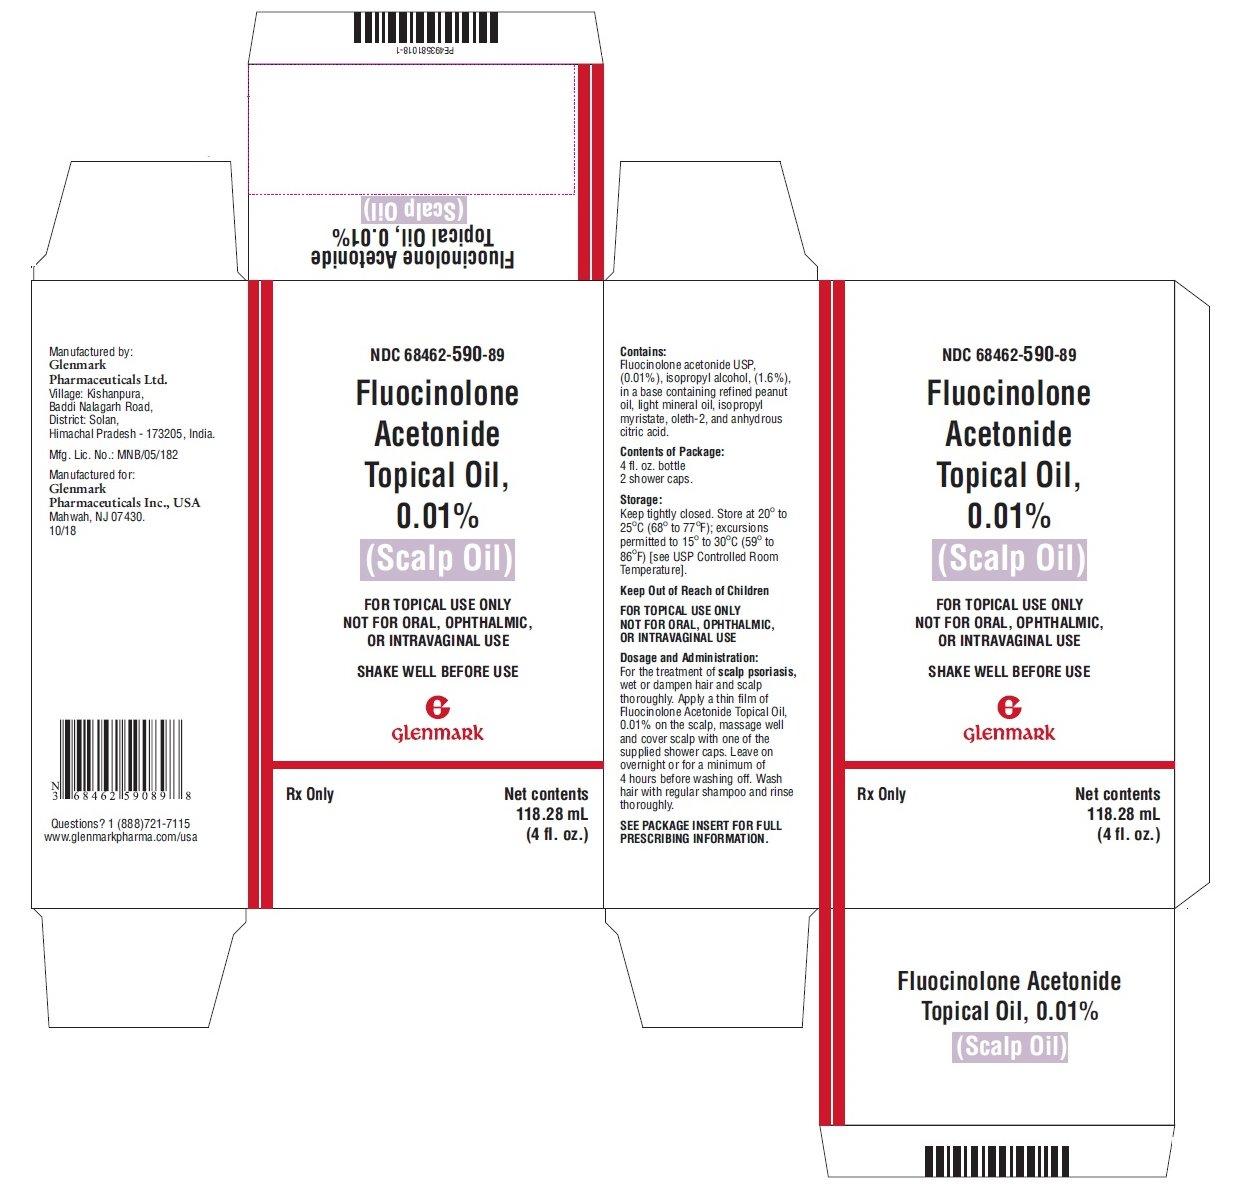 fluocinolone-scalp-oil-carton